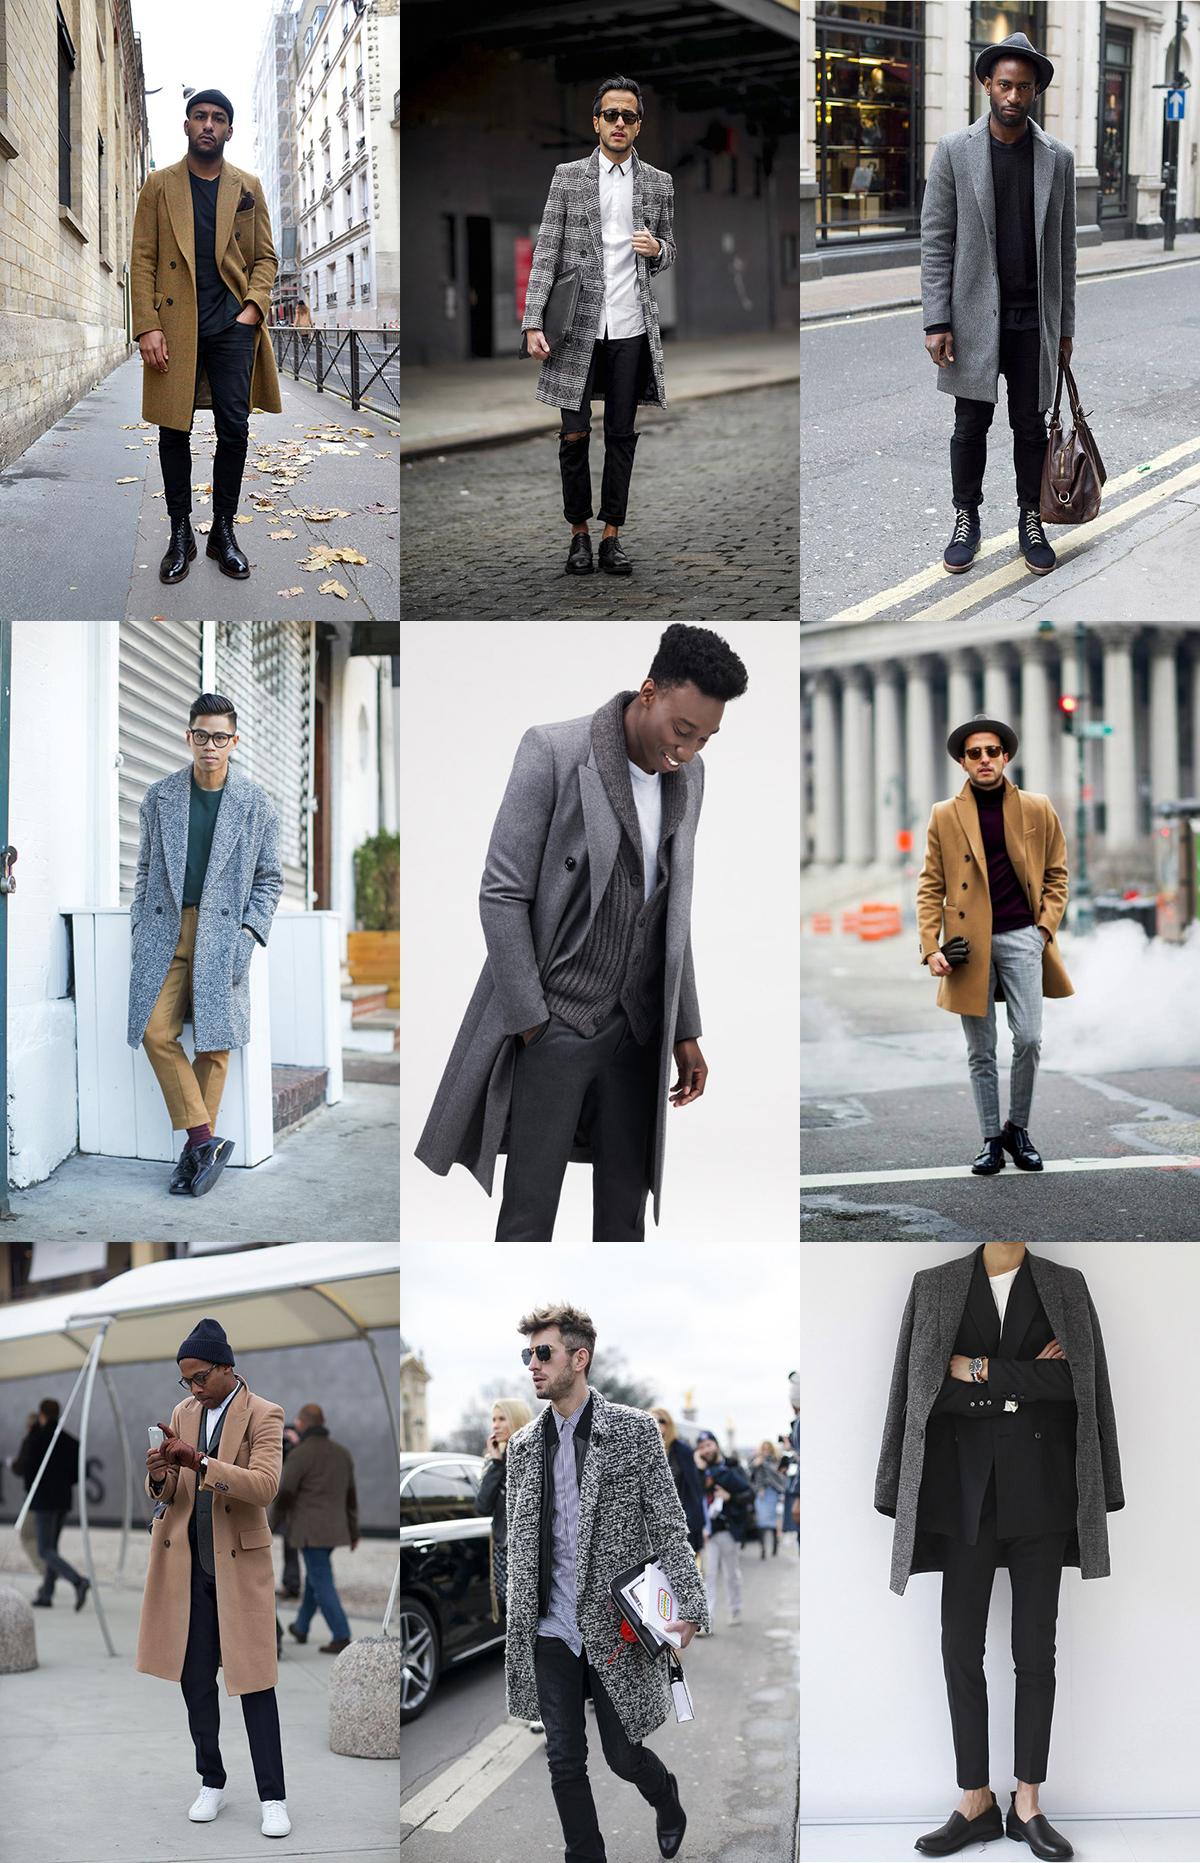 Dressdownovercoat